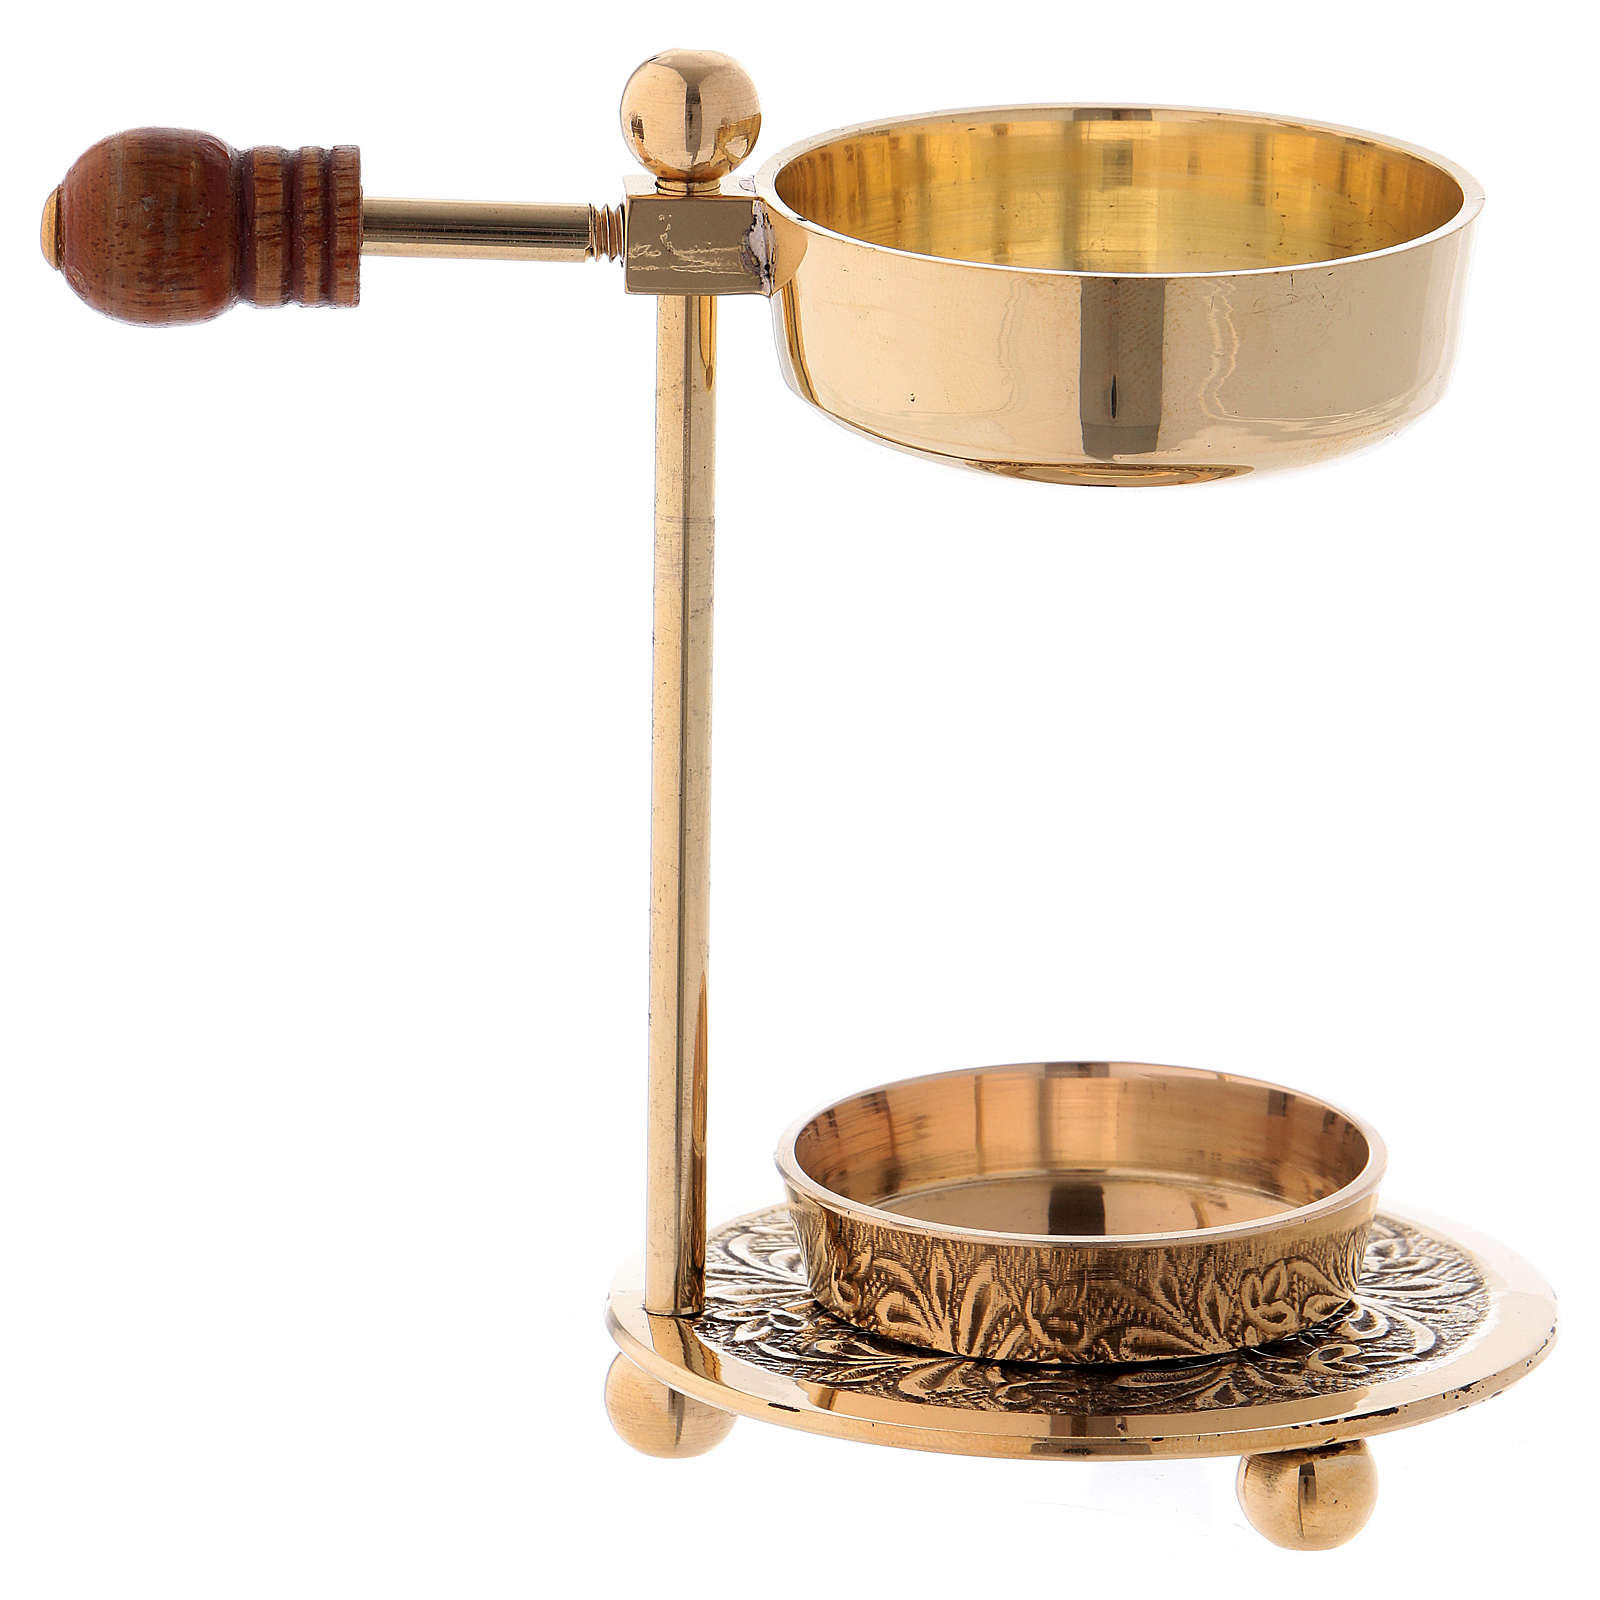 Queimador incenso latão dourado brilhante com punho em madeira 11 cm 3